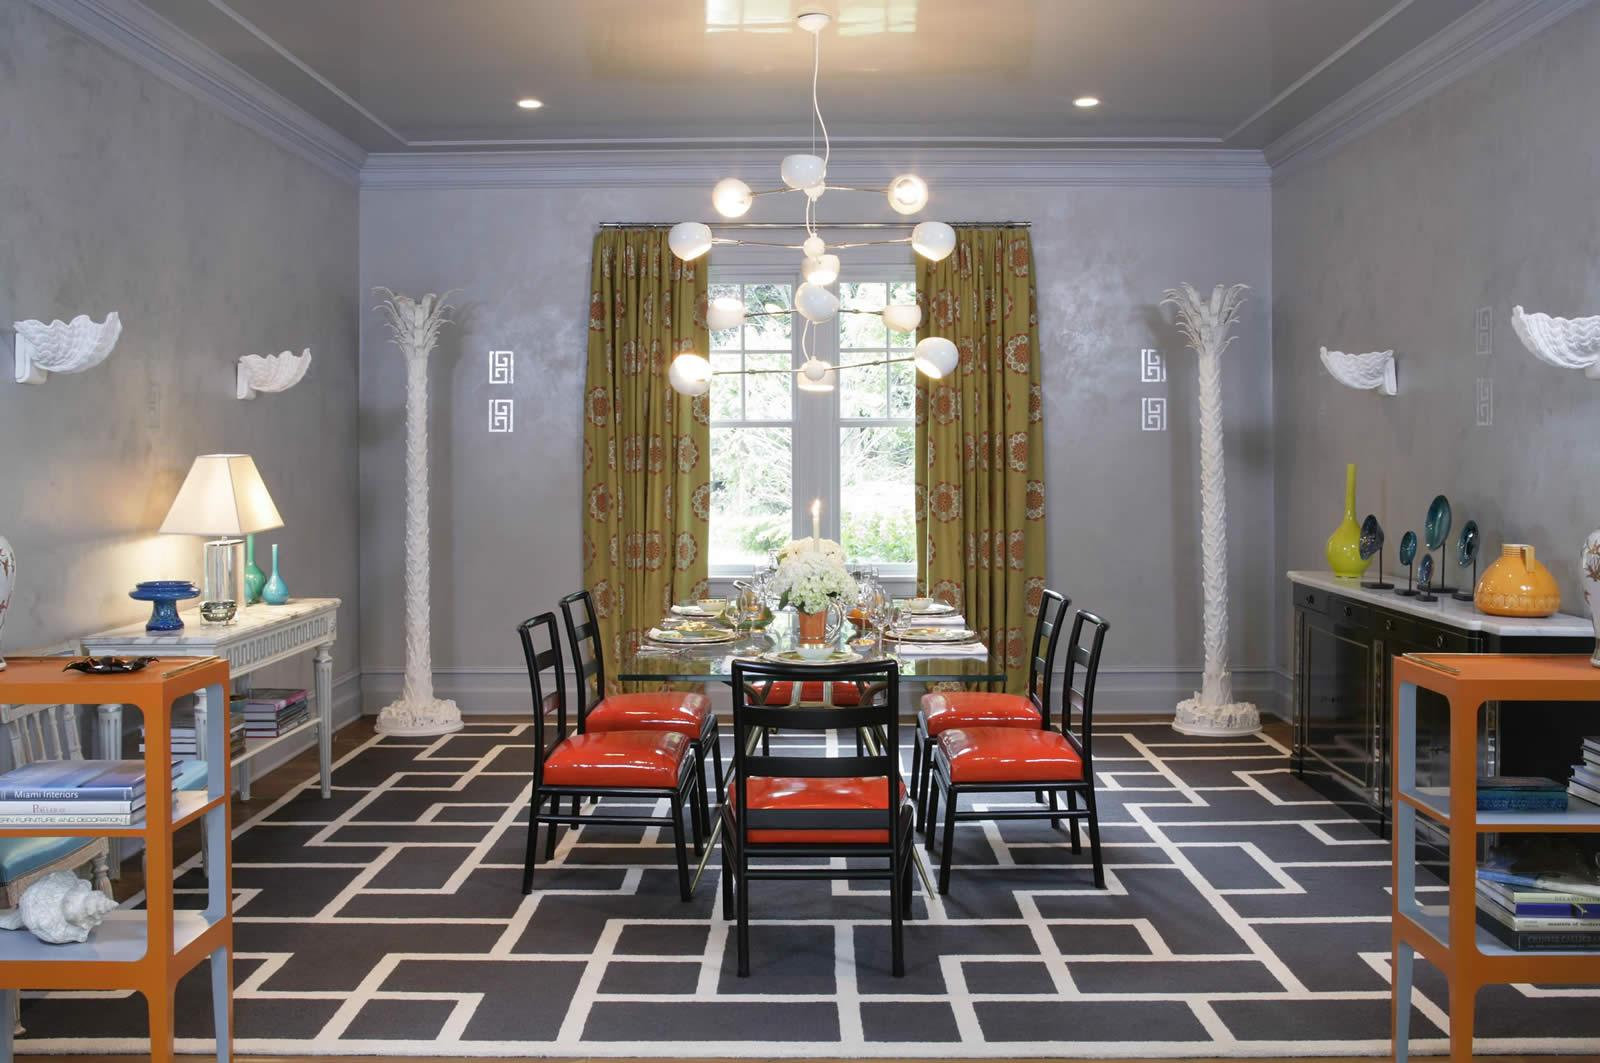 02_Hamptons_Dining_Room_1.jpg